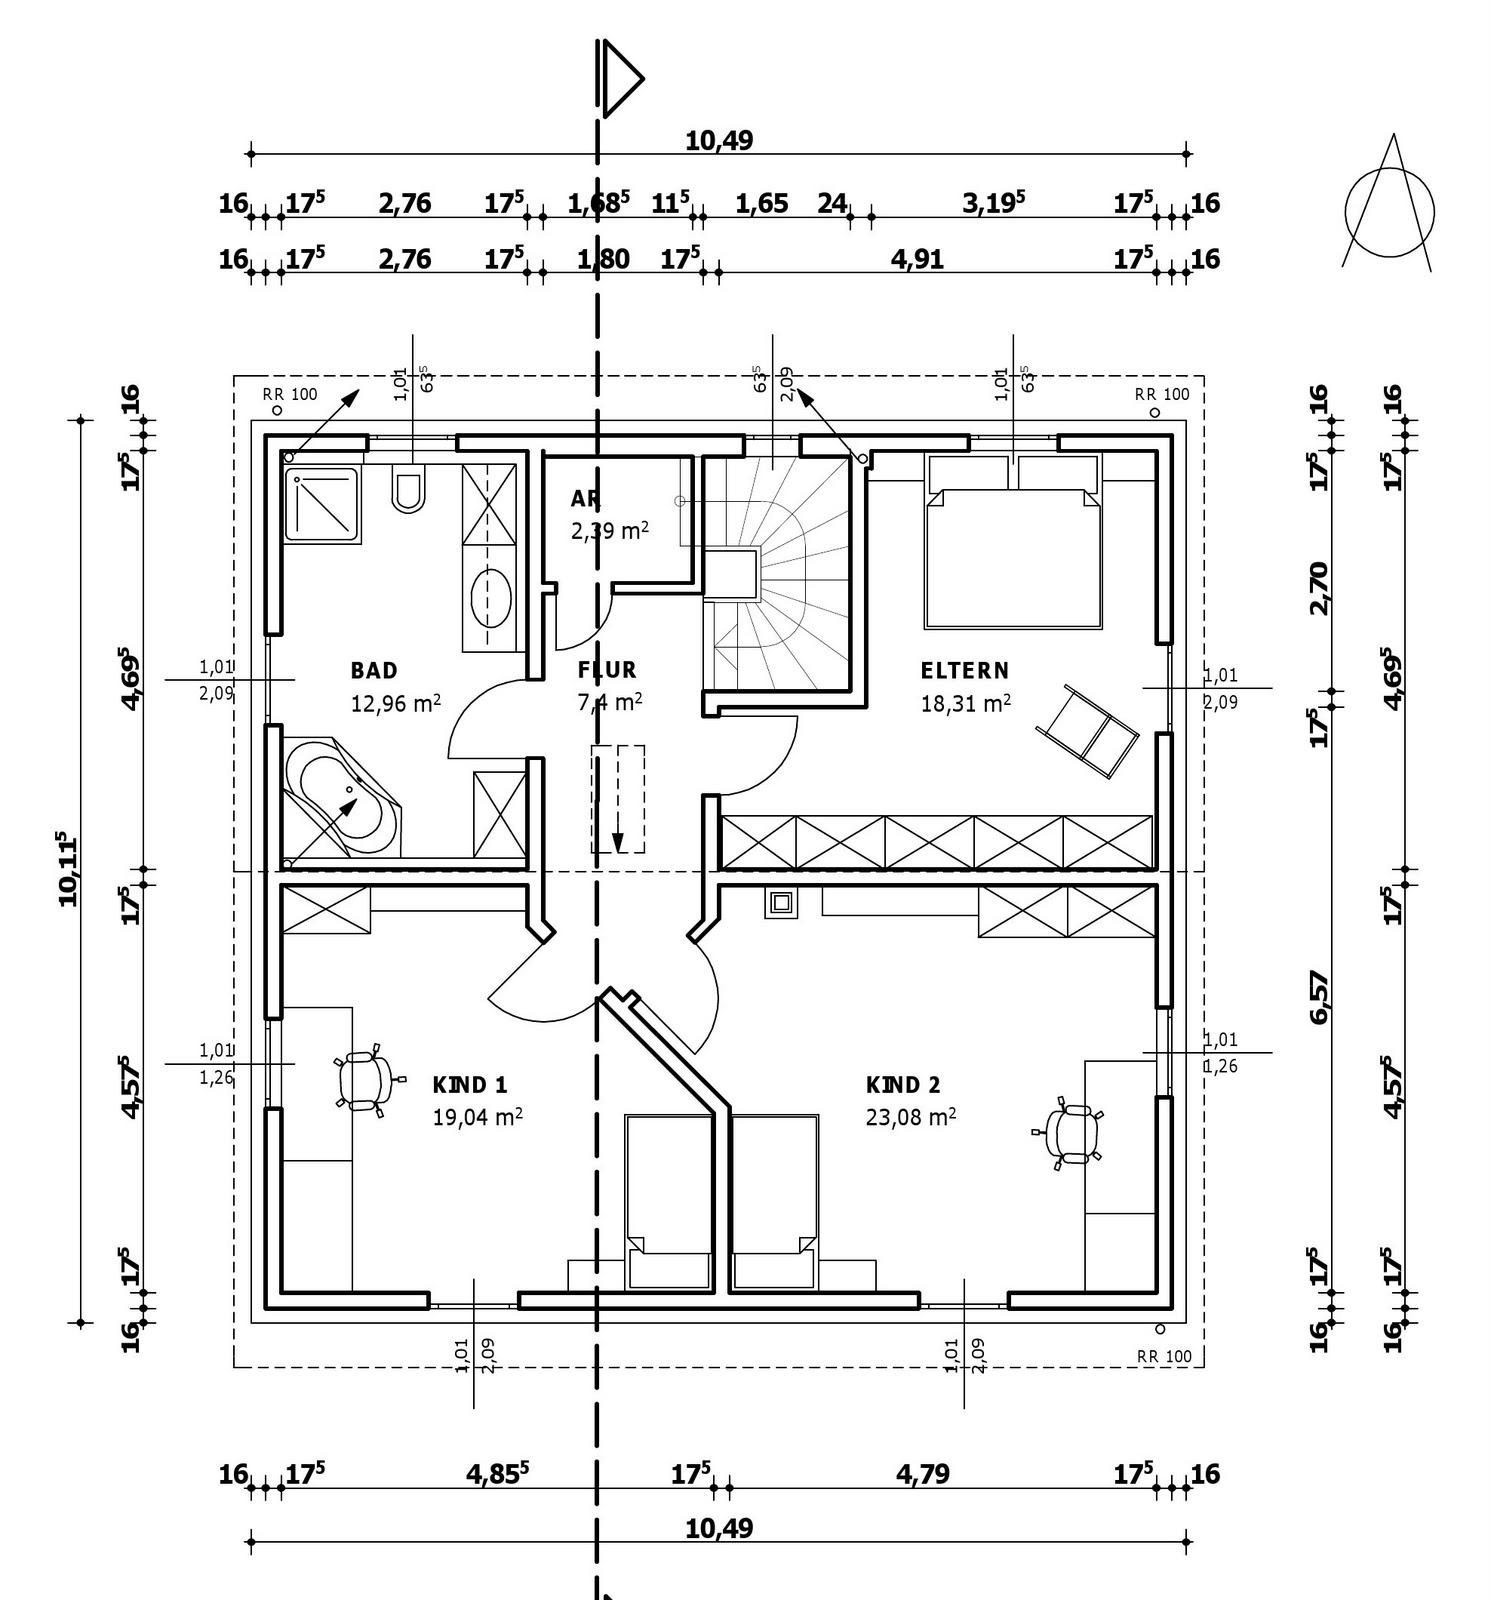 das noriplana bautagebuch mehr minderkostenrechnung erledigt. Black Bedroom Furniture Sets. Home Design Ideas